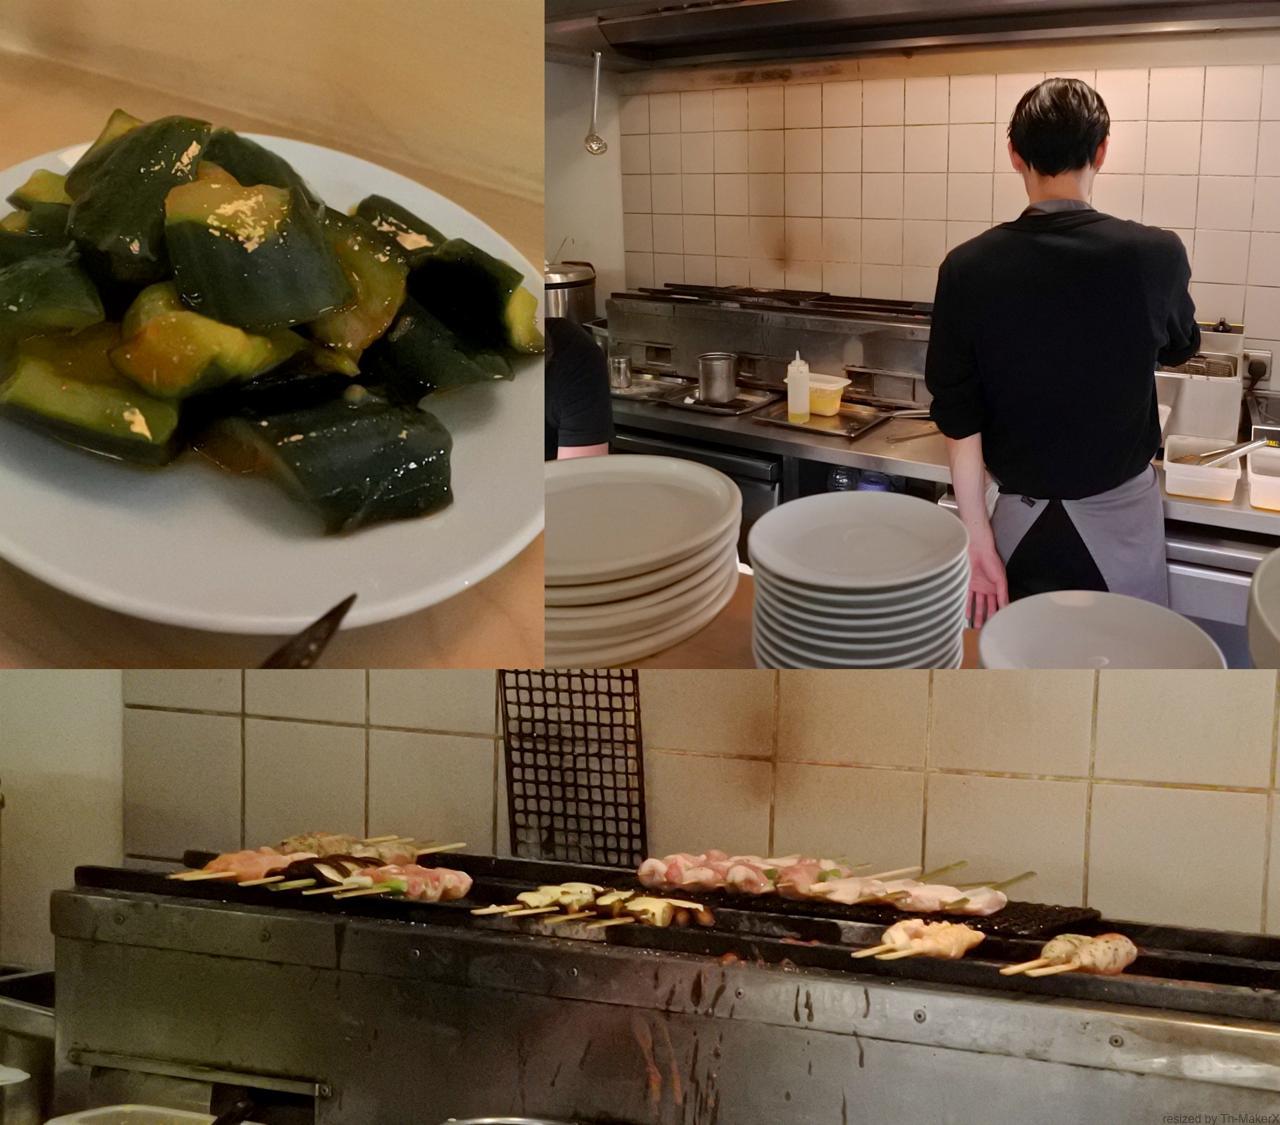 左上はピリ辛キュウリ漬け。右で揚げ物を担当しているのは日本人の方でした ^^